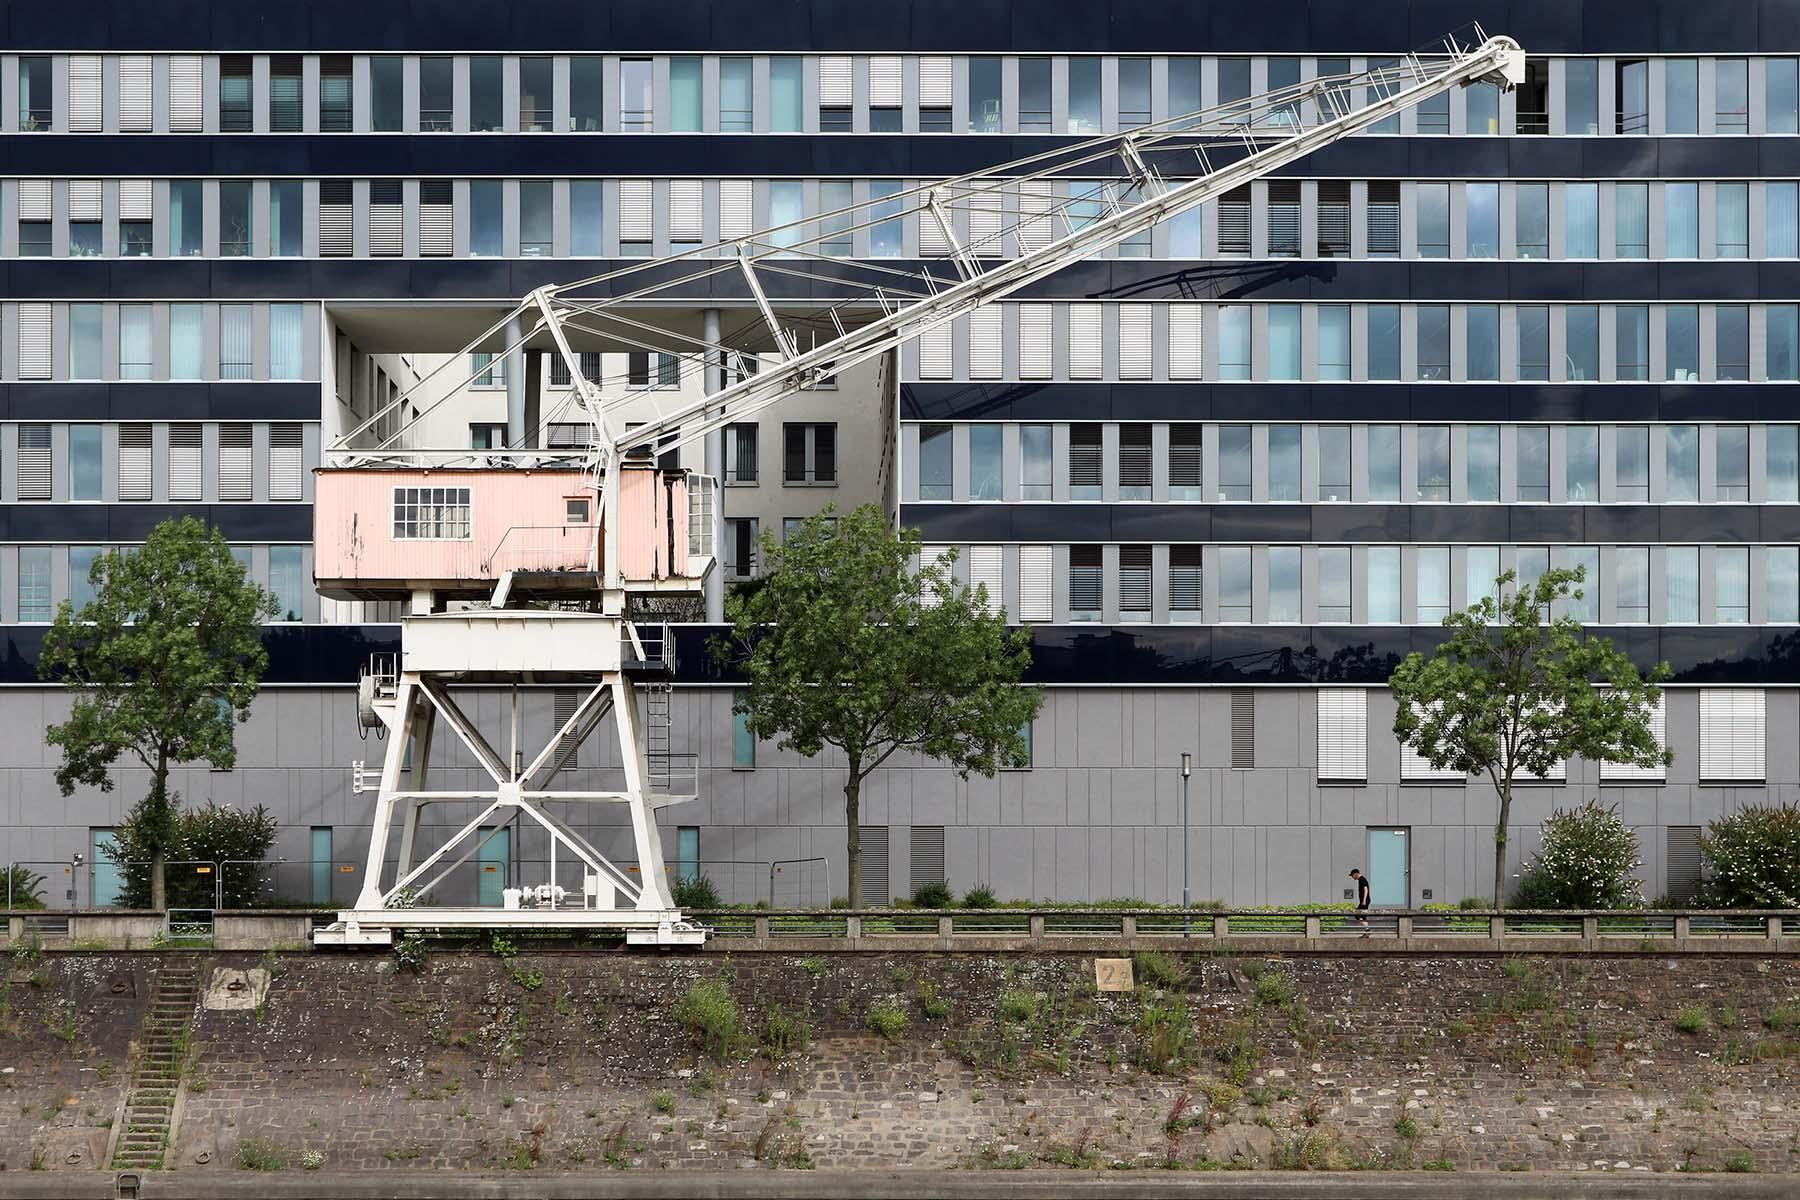 Landesleitstelle der Polizei von NRW. von Bahl & Partner, Fertigstellung 2002